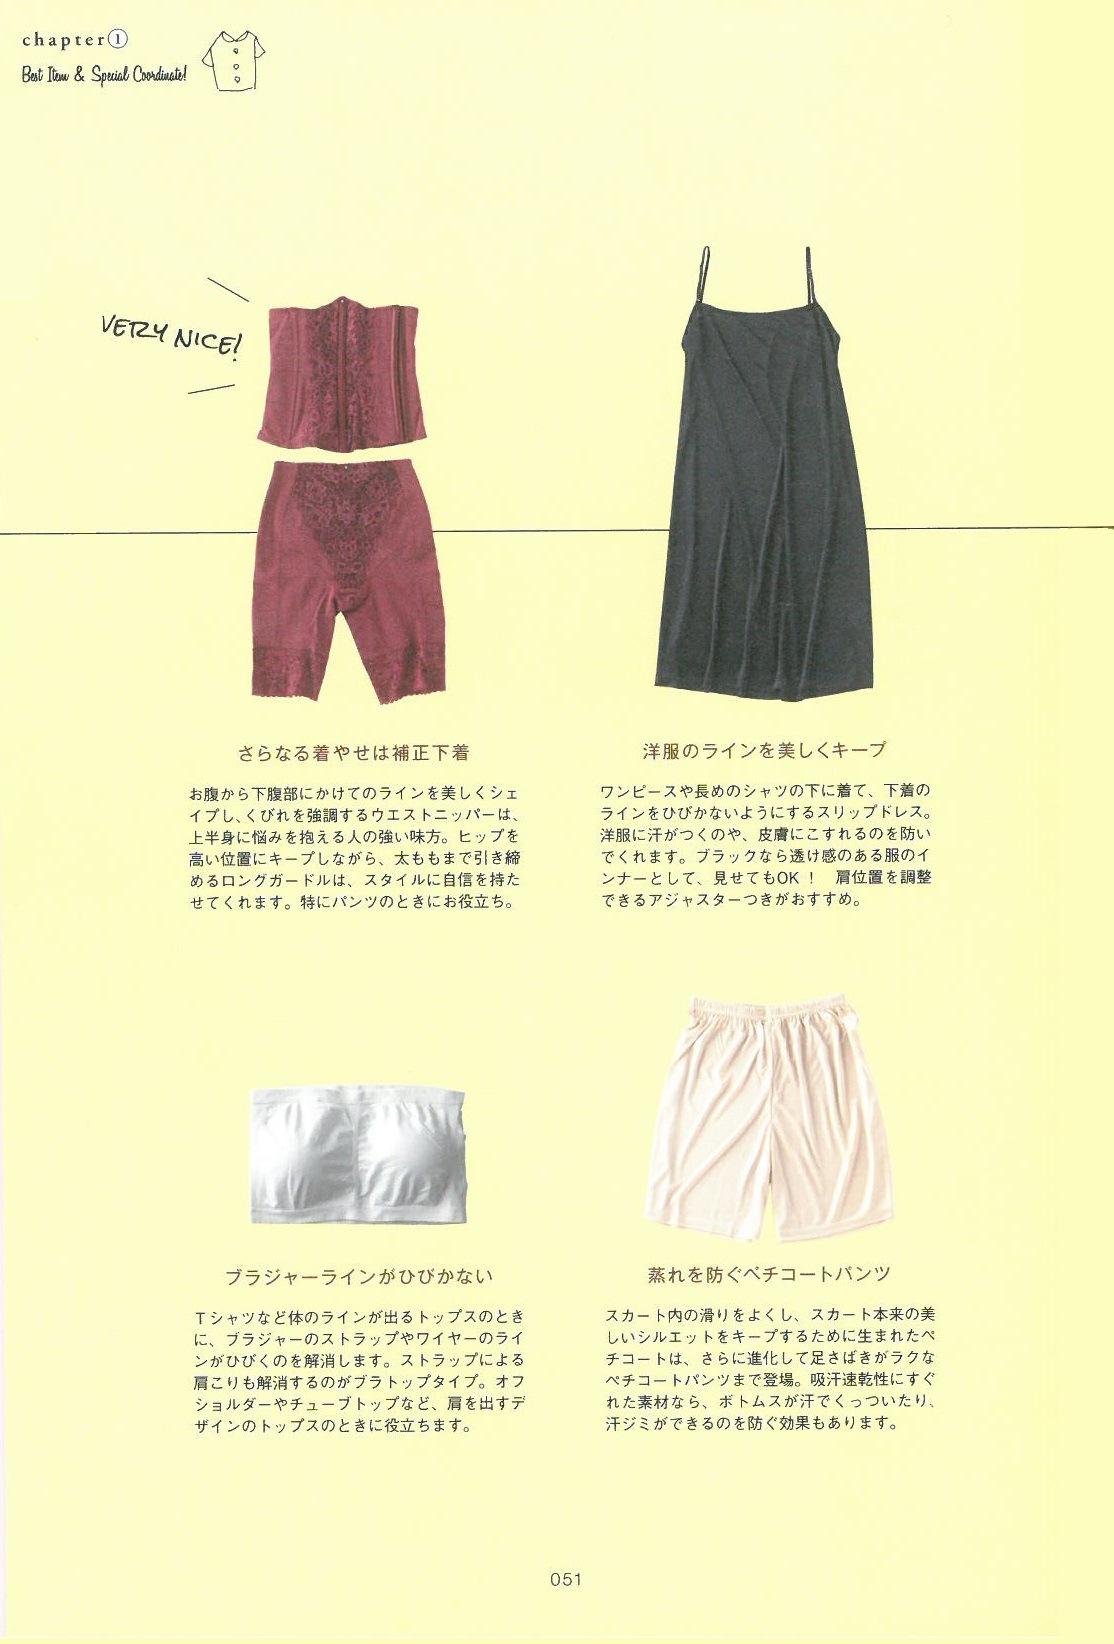 ぽっちゃり女子のファッションbook 大瀧 彩乃